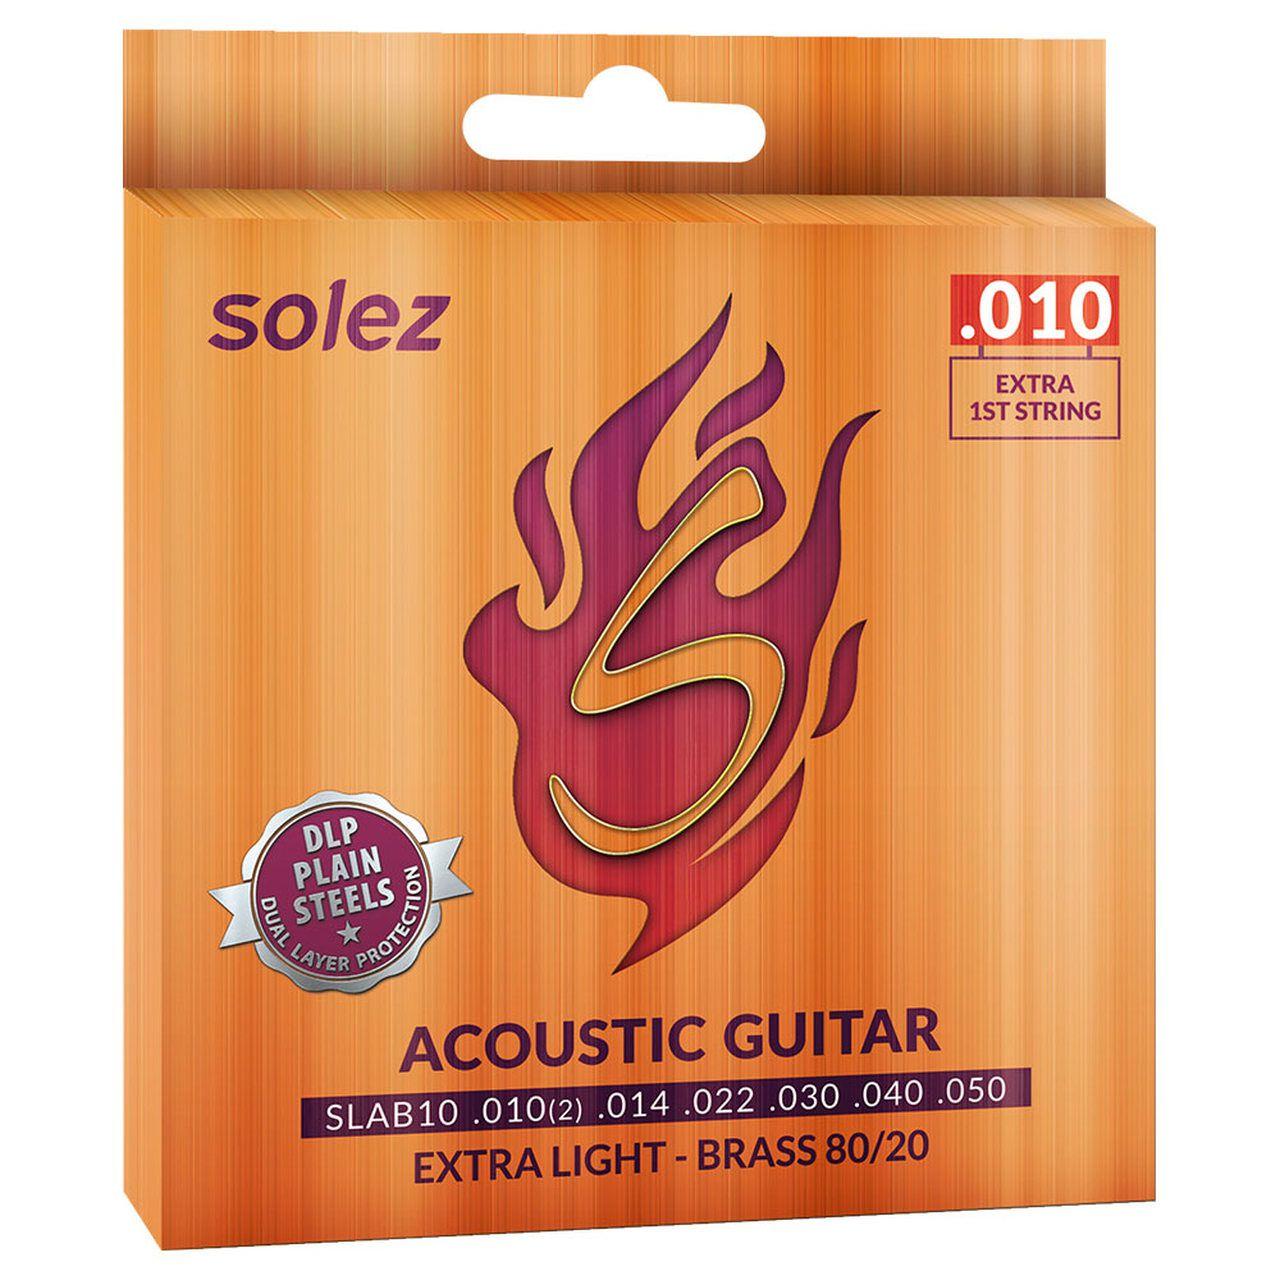 Encordoamento Violão Aço Solez 010 Brass 80/20 Extra Light